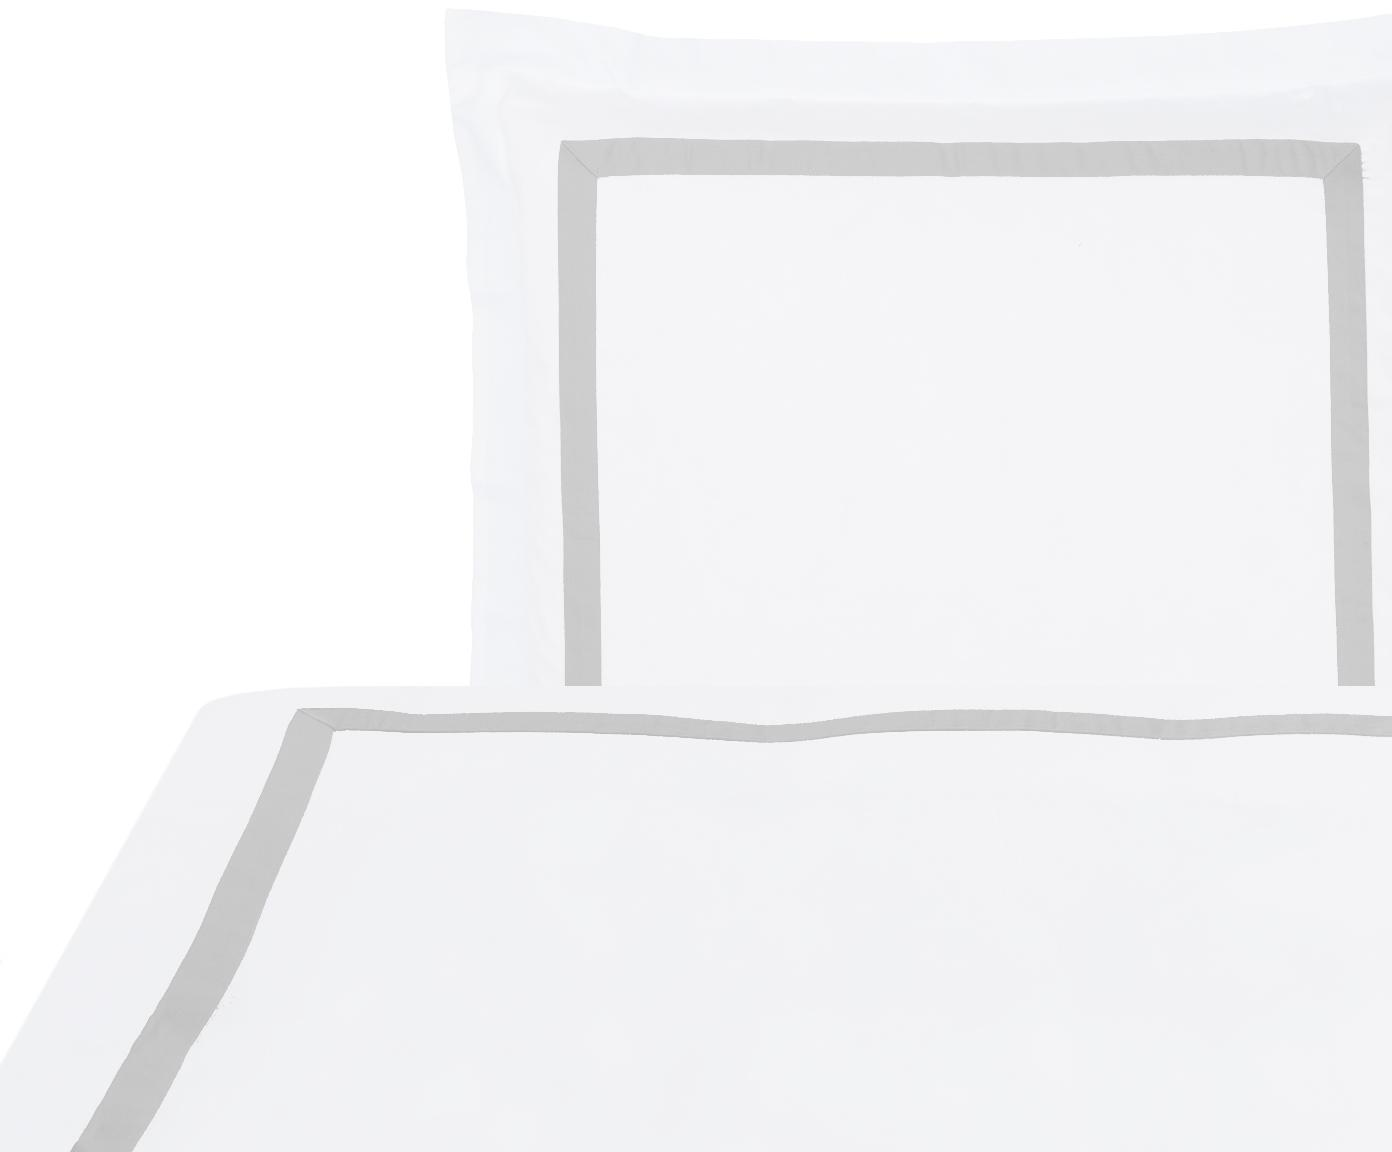 Baumwollsatin-Bettwäsche Nora in Weiß/Hellgrau, Webart: Satin Fadendichte 400 TC,, Weiß, Hellgrau, 135 x 200 cm + 1 Kissen 80 x 80 cm